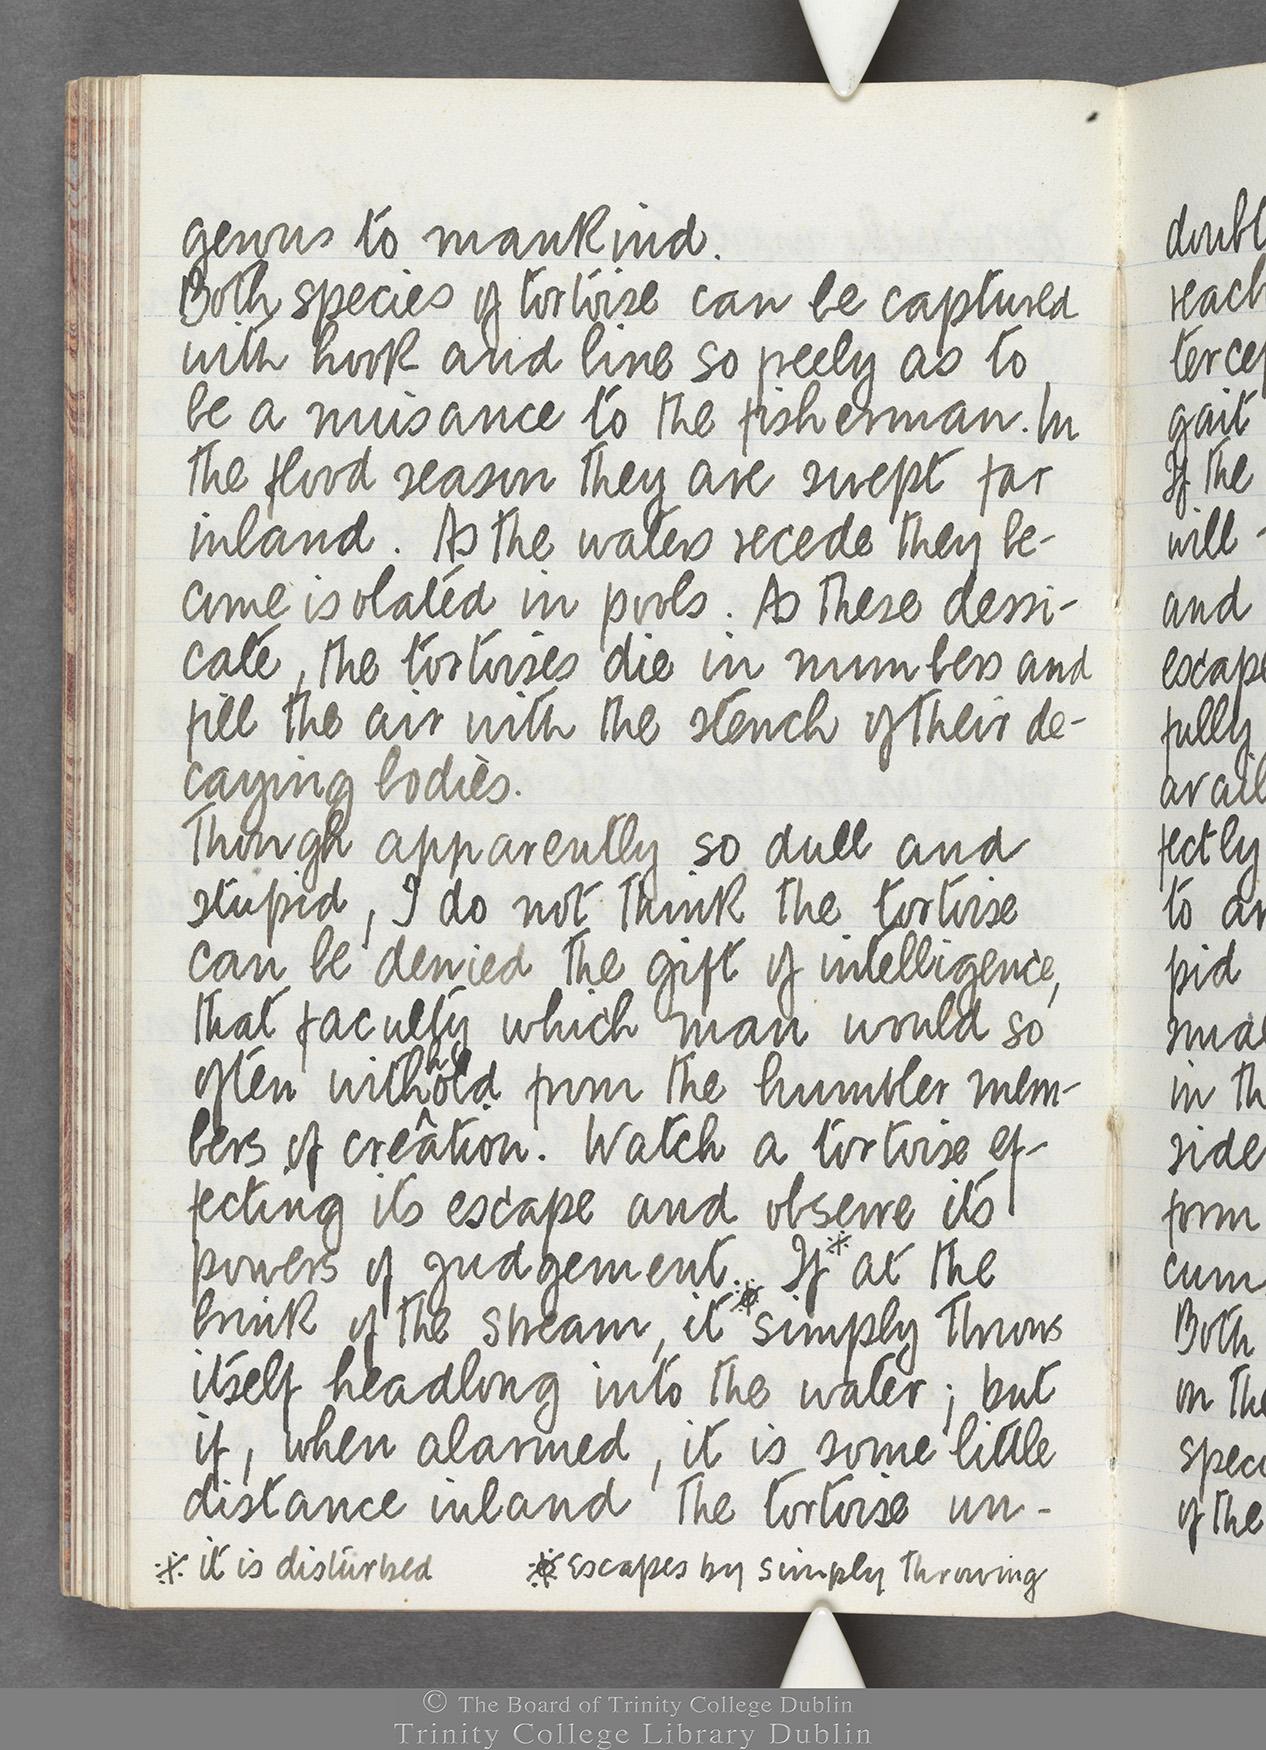 TCD MS 10516 folio 64 verso